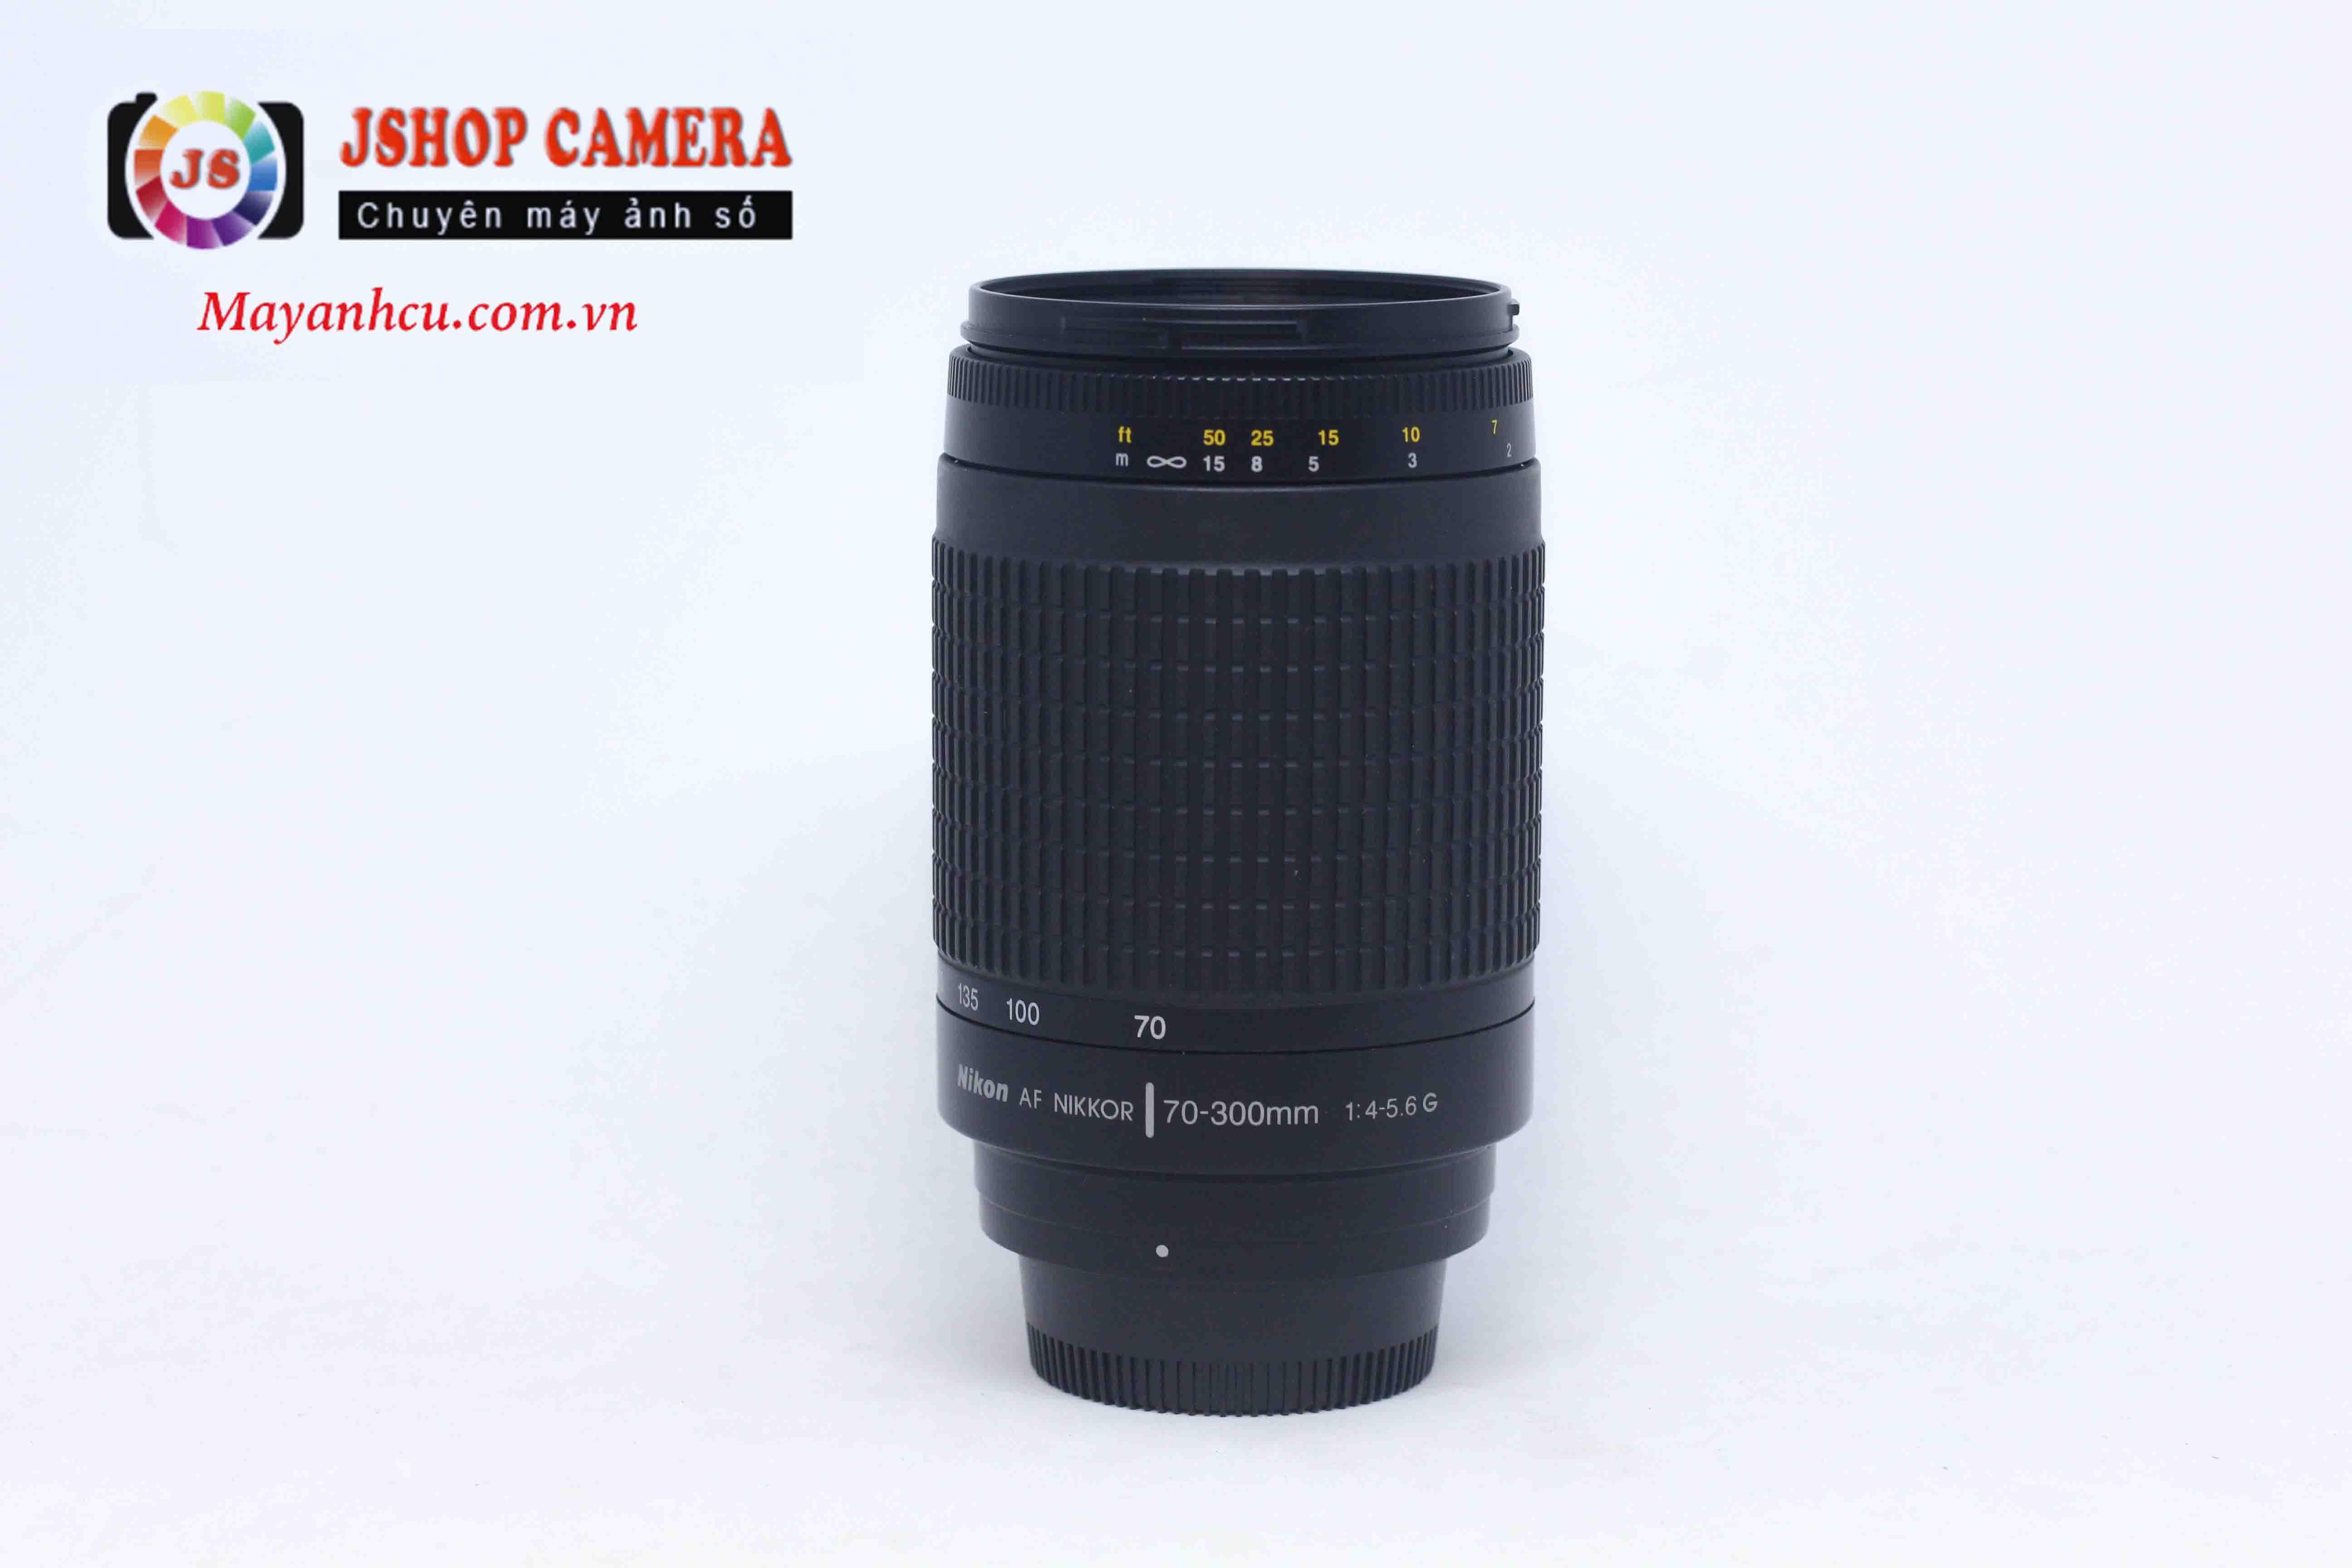 Ống kính Nikon 70-300mm F/4-5.6G